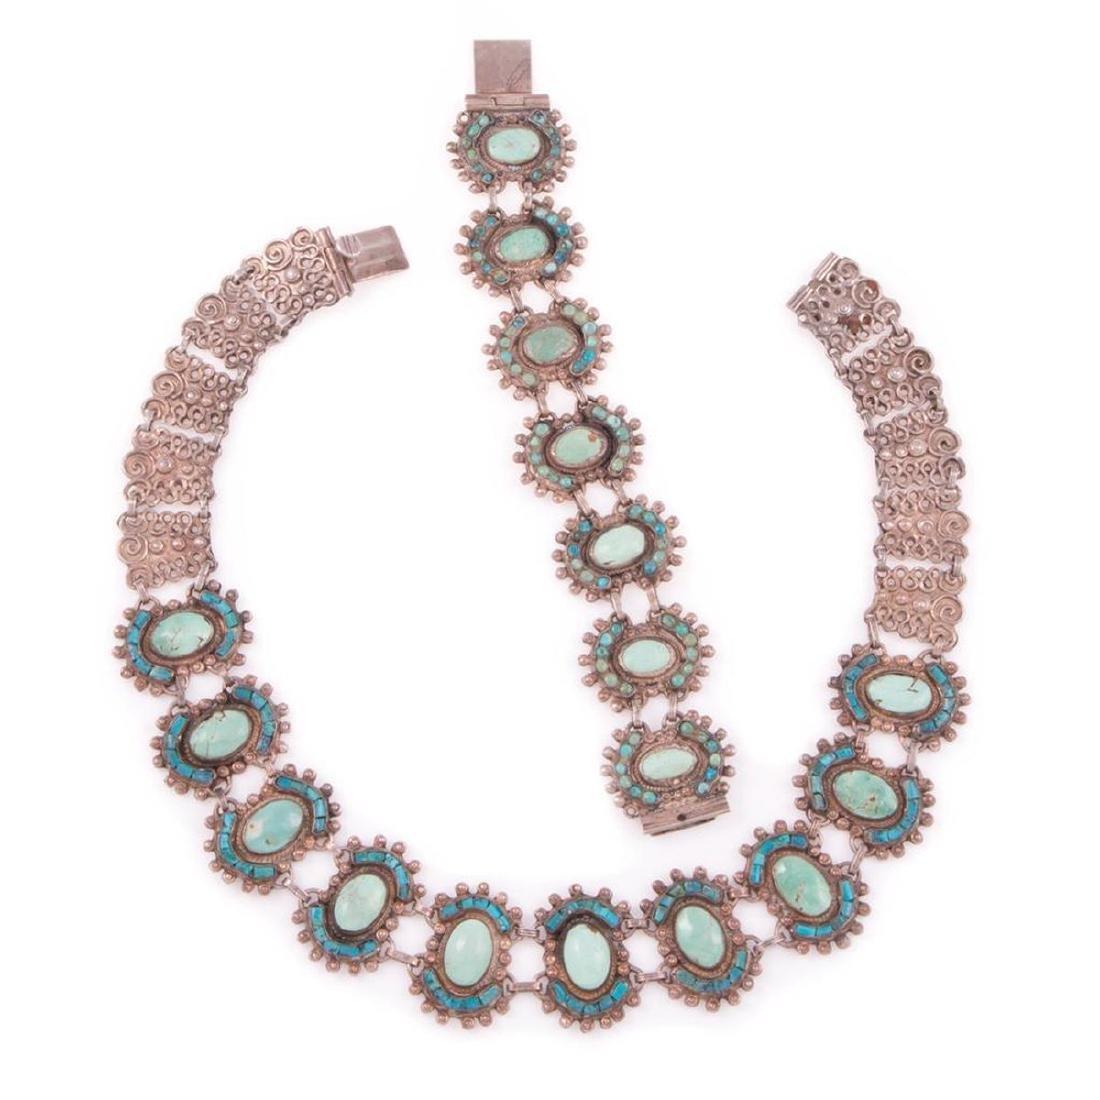 Matilde Poulat (MATL) Mexican necklace & bracelet set